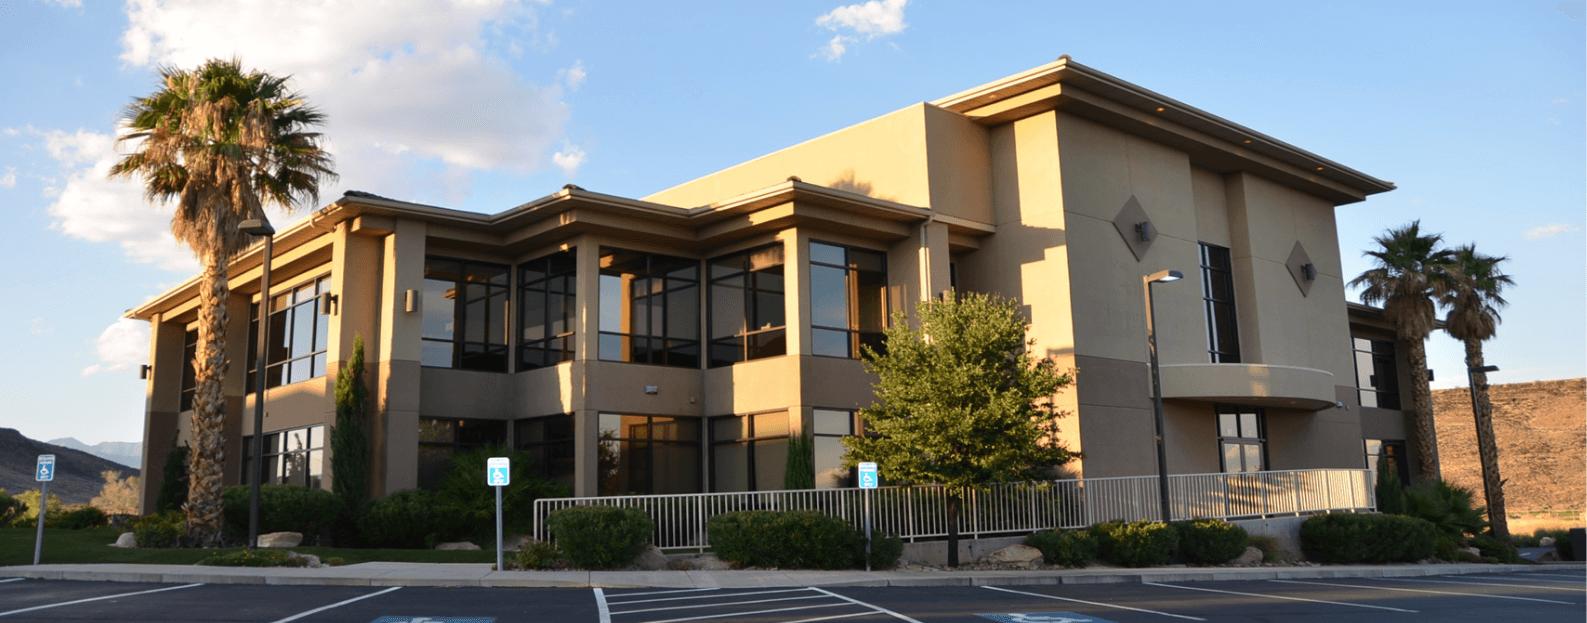 PrinterLogic Headquarters